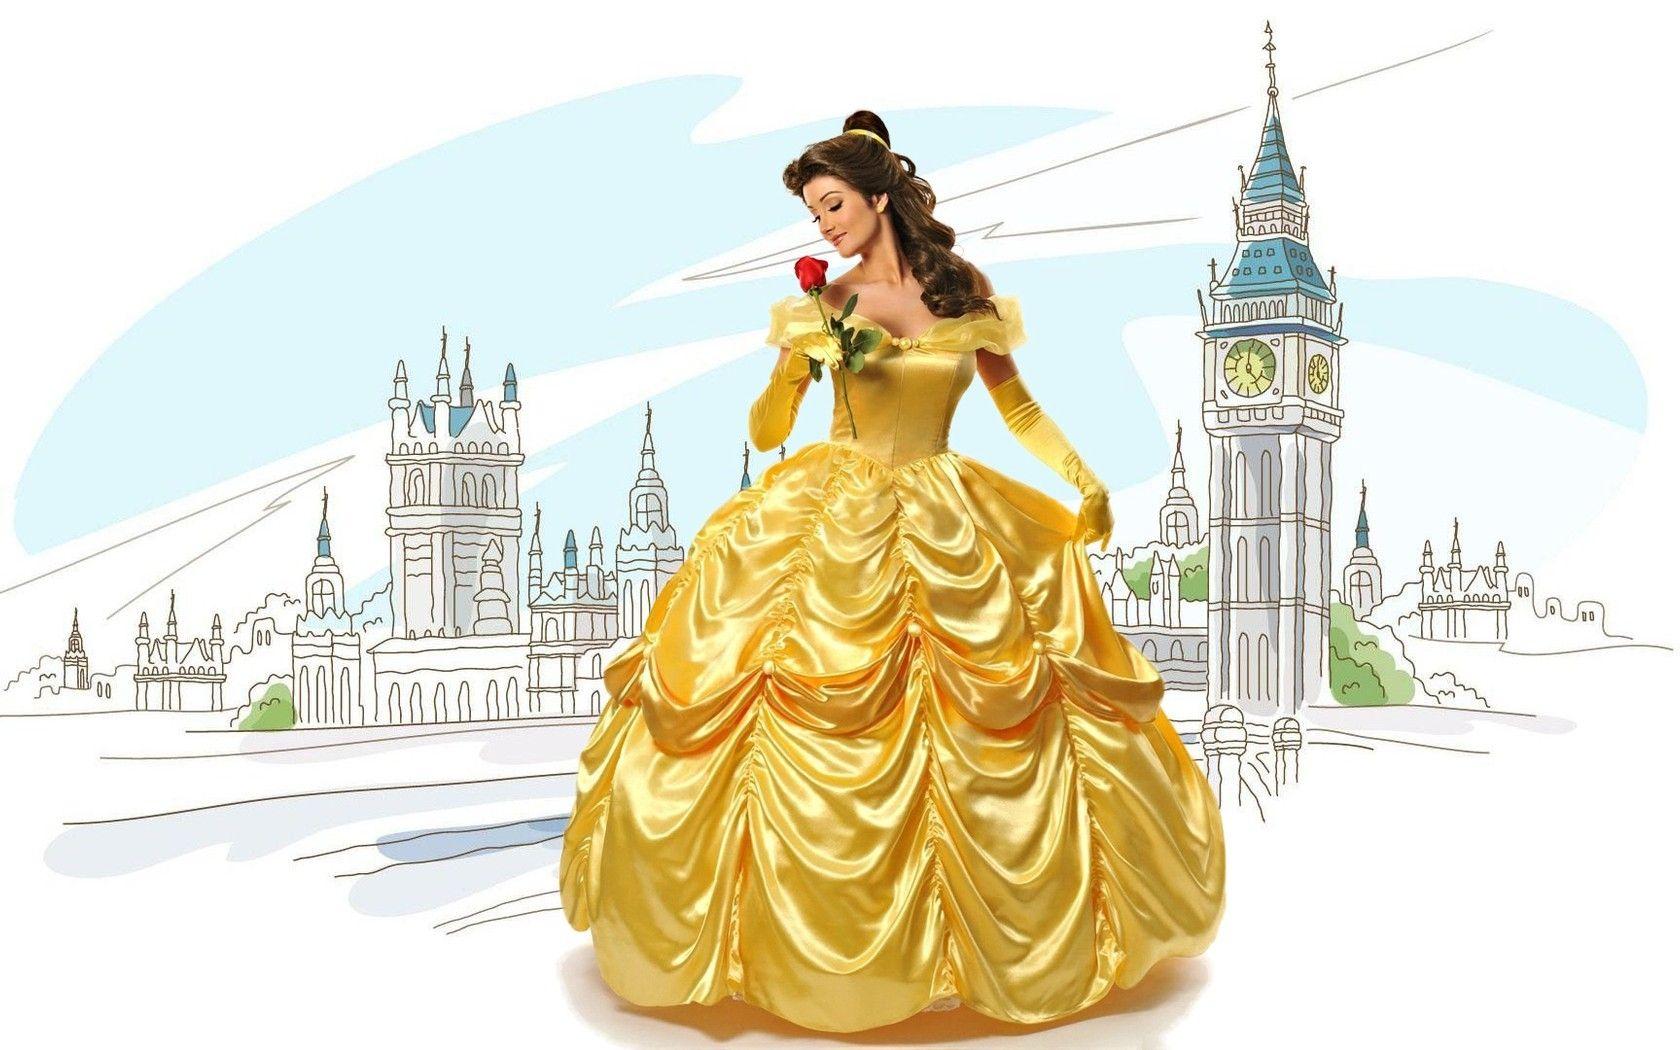 Princesas de disney al castillo buscar con google princesas princesas de disney al castillo buscar con google thecheapjerseys Choice Image